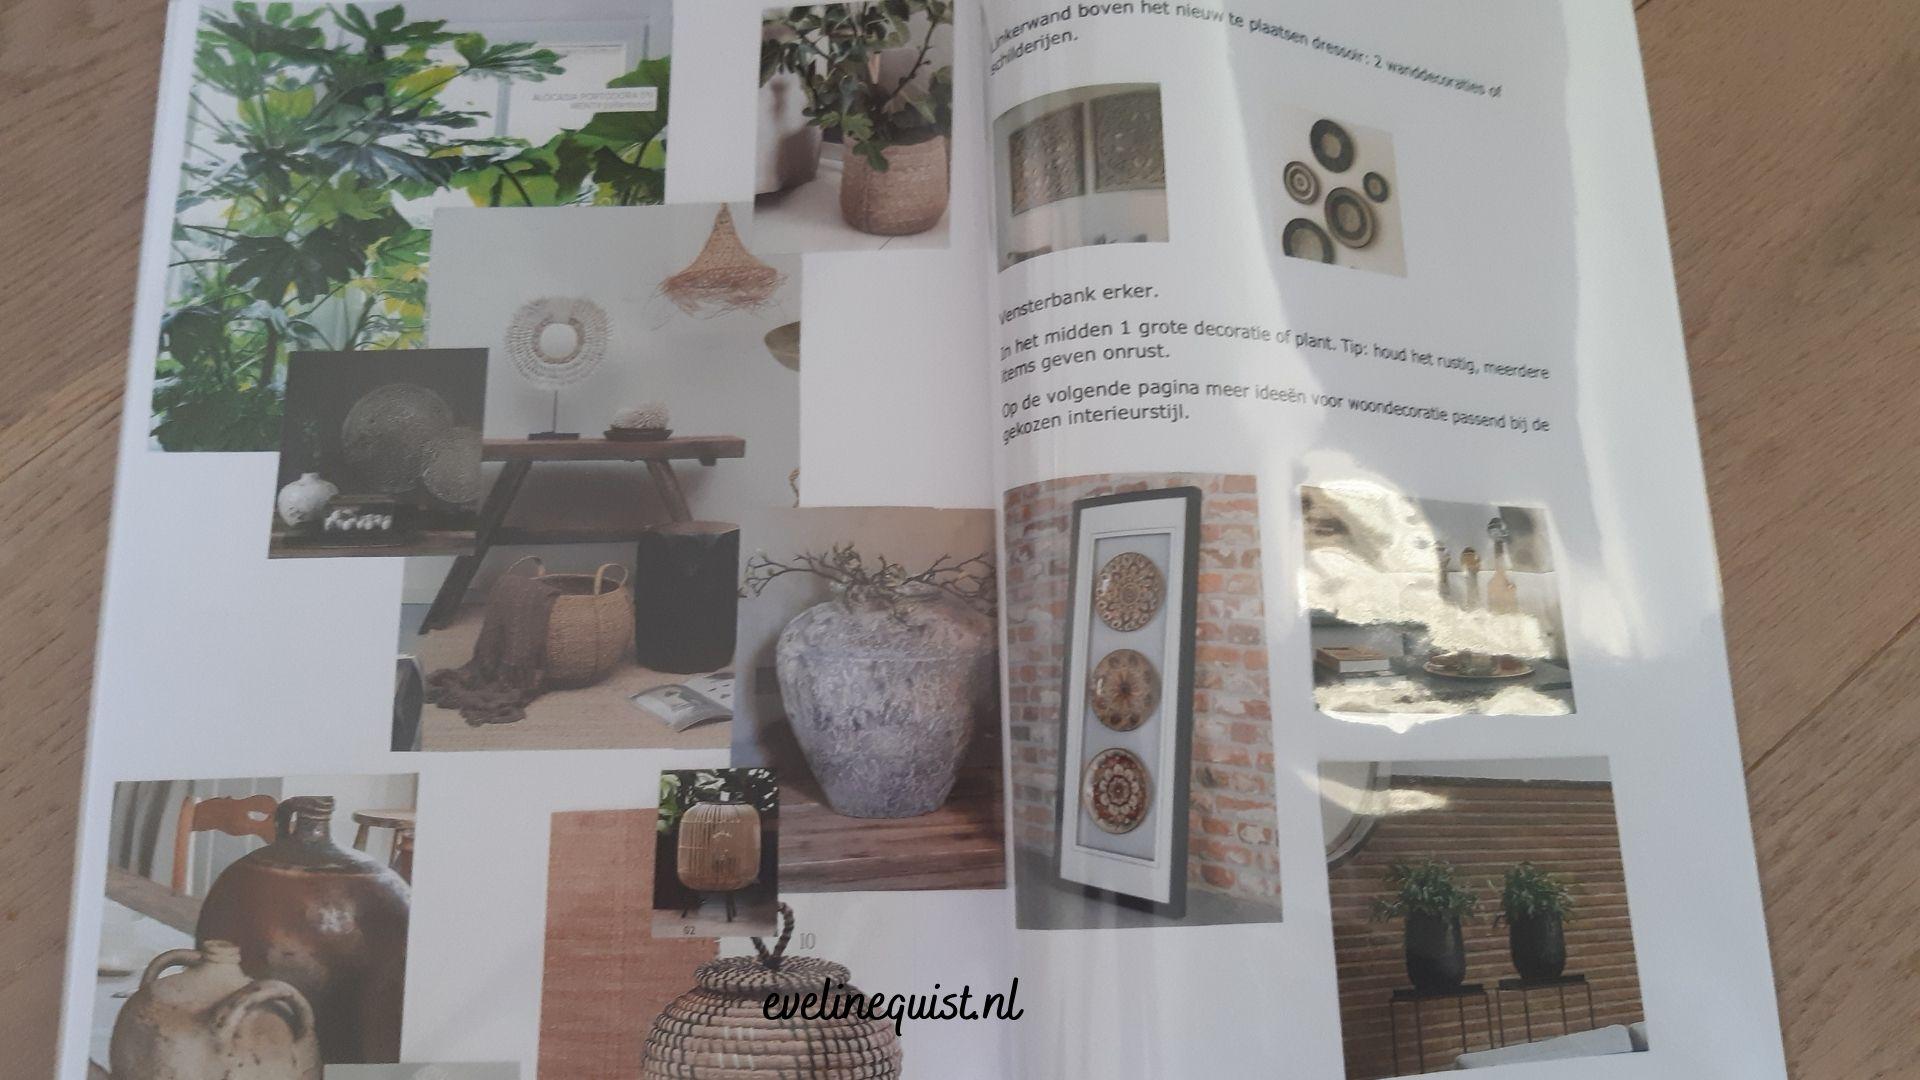 brochure bij interieurstijling advies